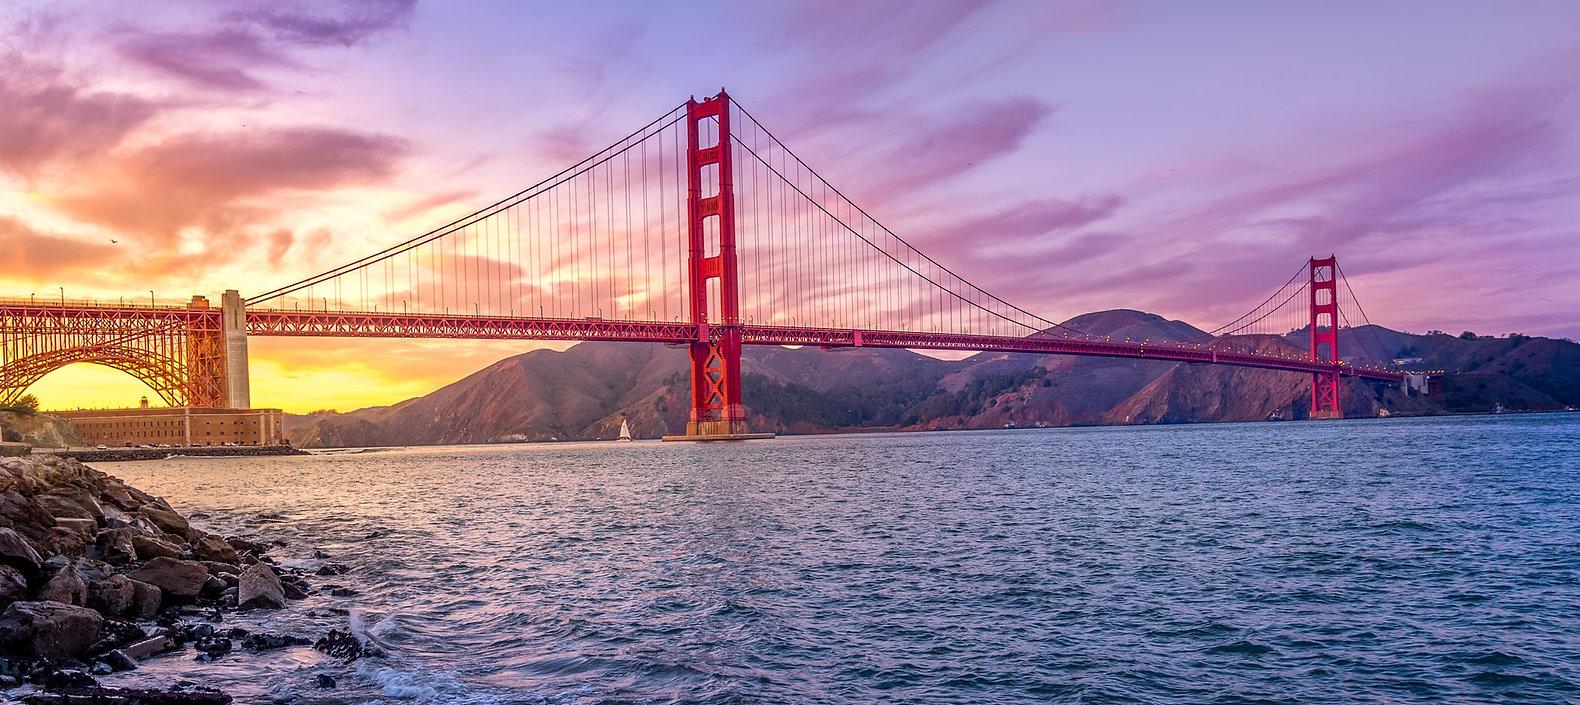 Hippie-Destination in Nordamerika | San Francisco, Kalifornien, USA | Anders reisen, alternative Reisen, Reisetrends, außergewöhnliche Reisen, exklusive Reisen